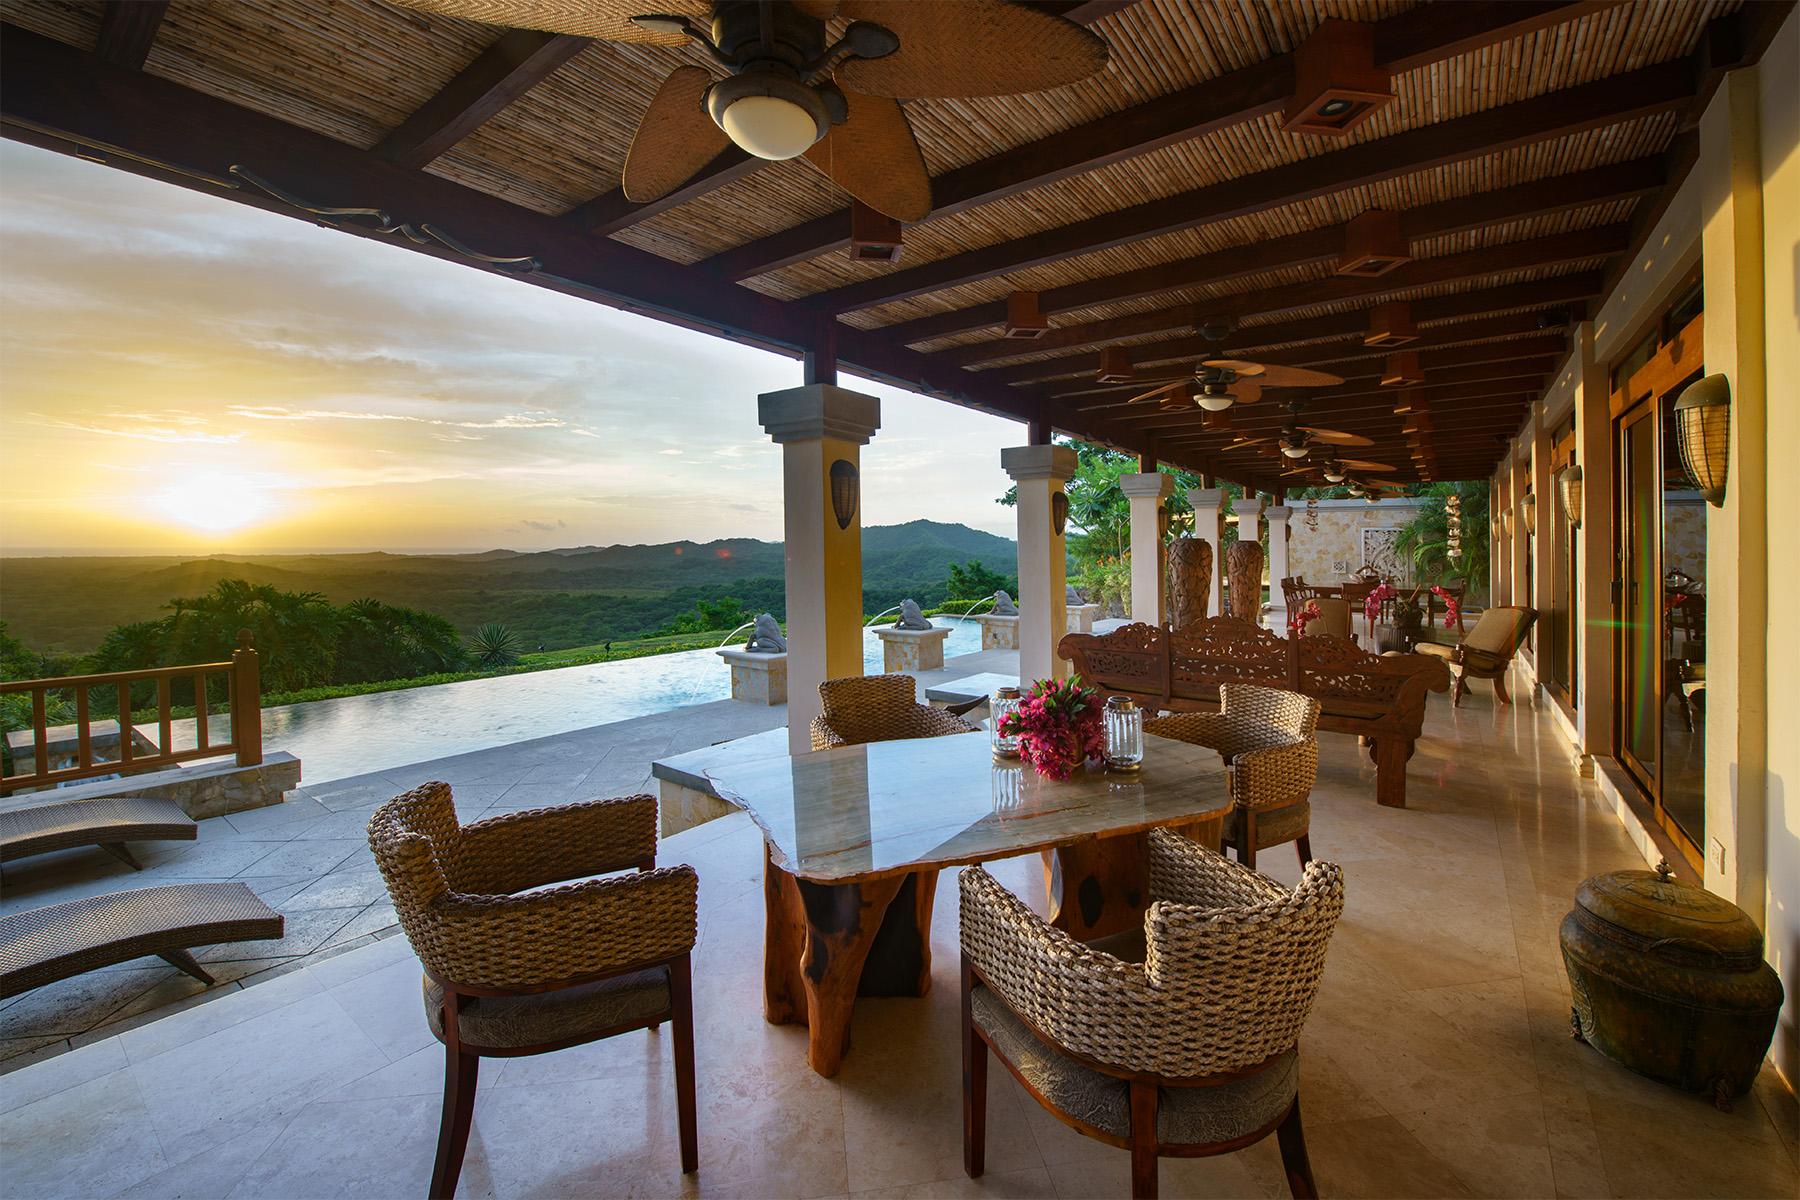 Single Family Home for Sale at Casa Bali Sueños Santa Cruz, Guanacaste, Costa Rica